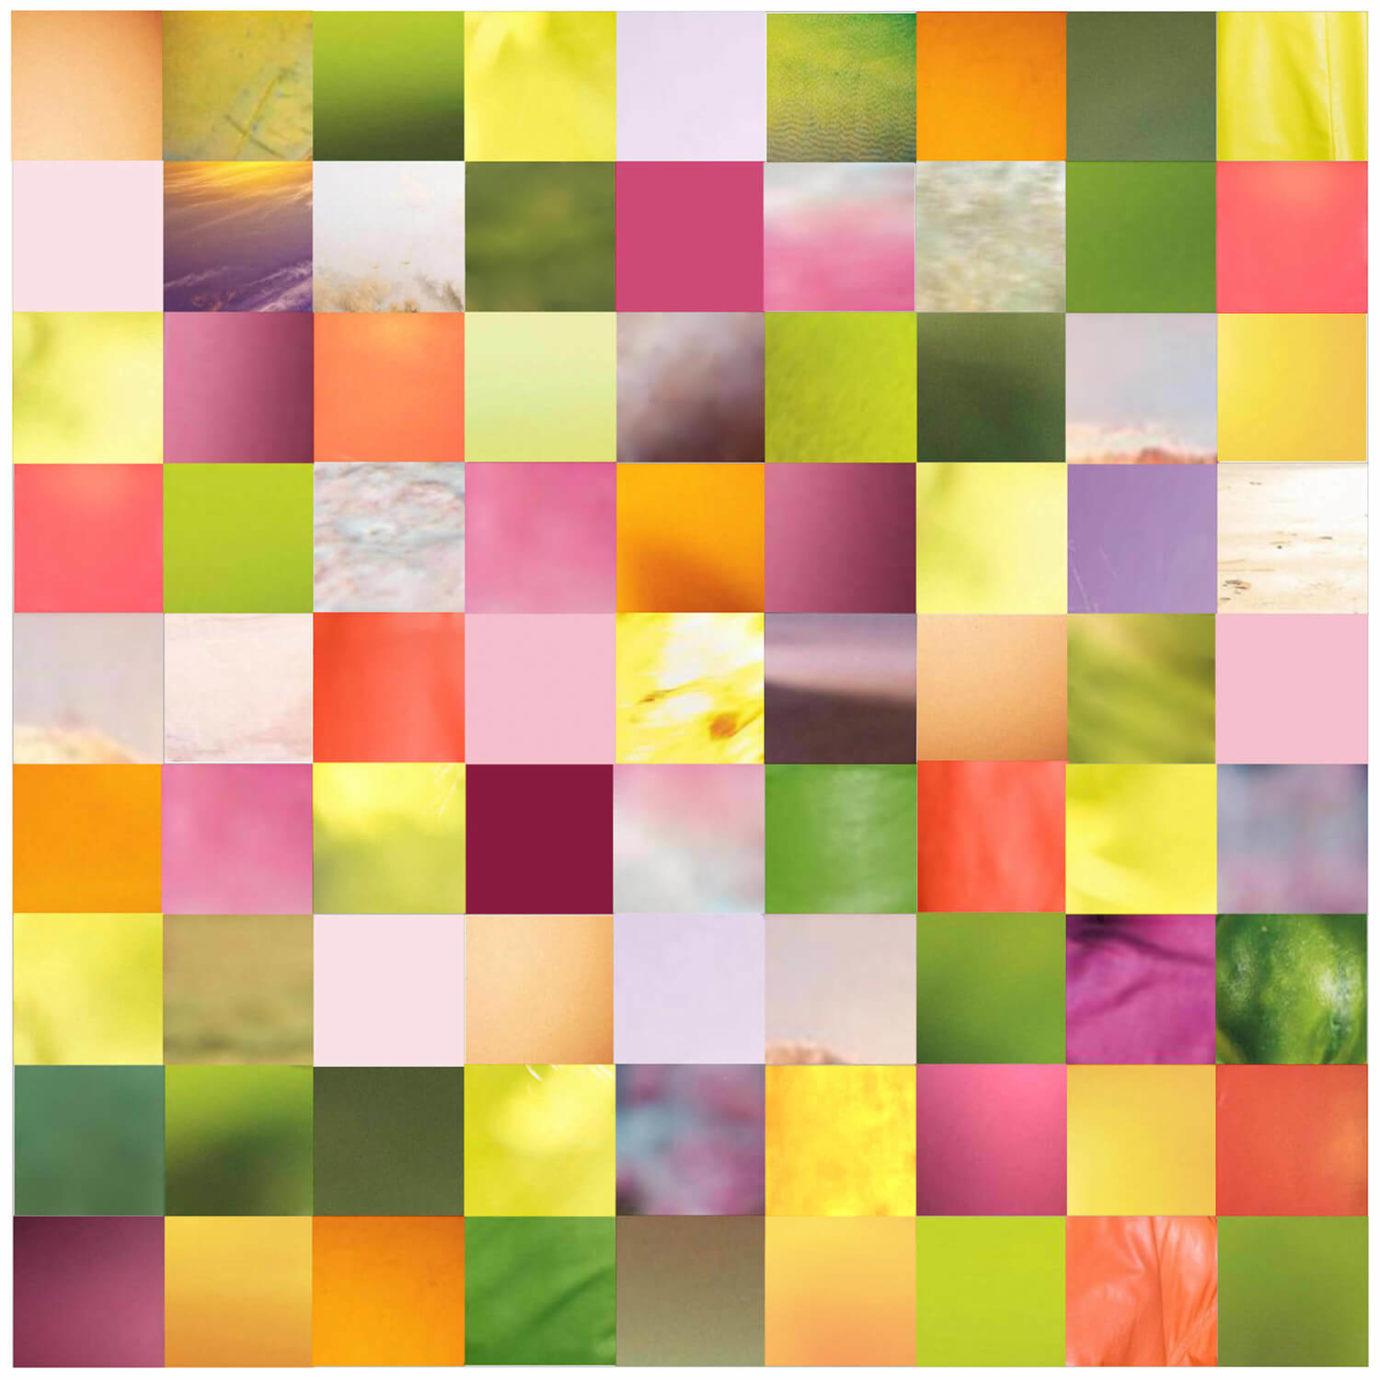 Grafikdesign Farbstimmung von Susanna Henrich